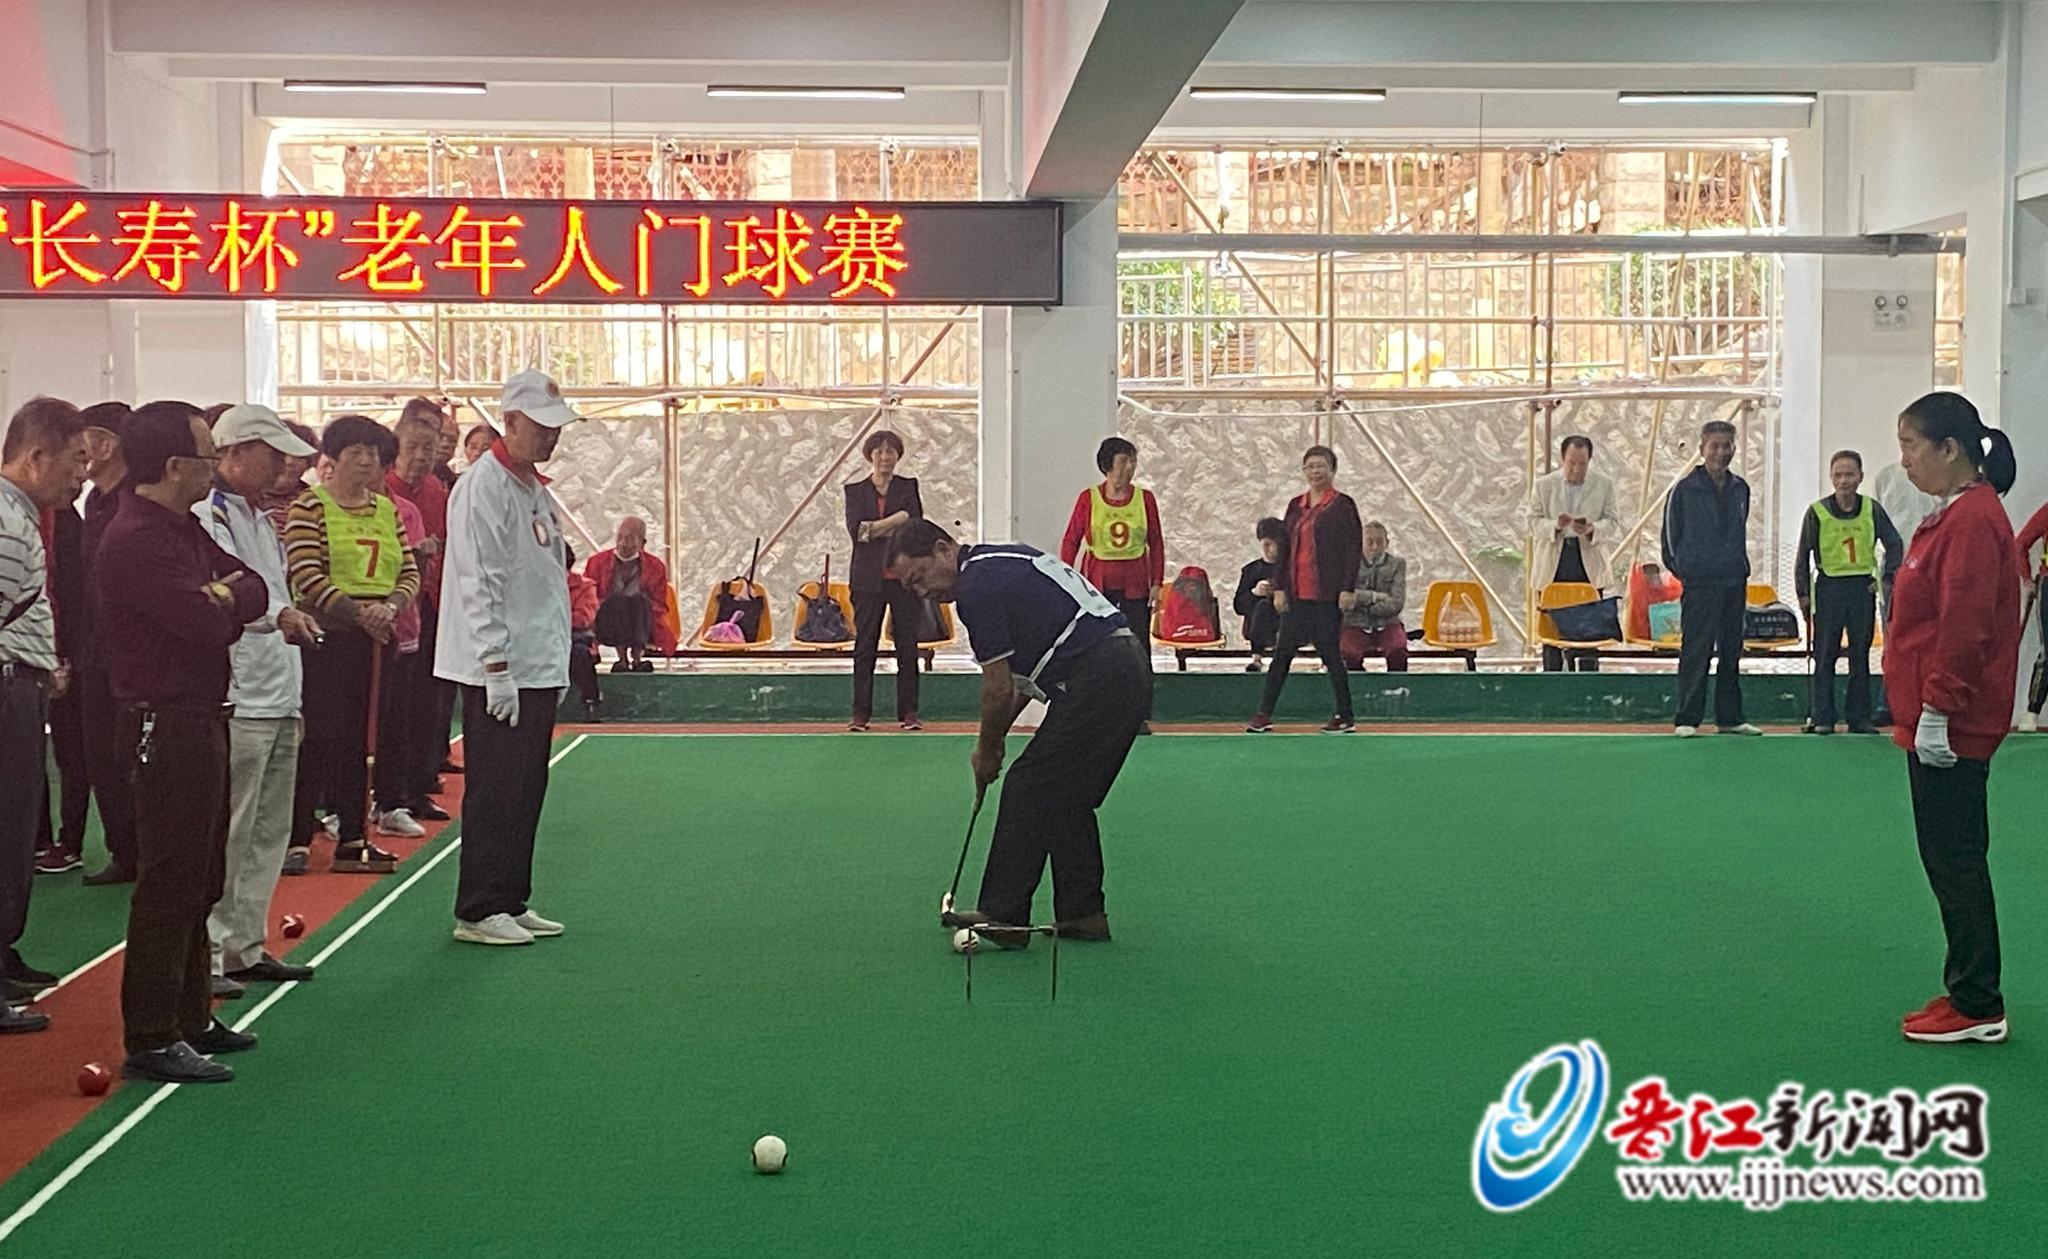 晋江42支队伍参与角逐 陈埭苏厝队获老年人门球赛冠军